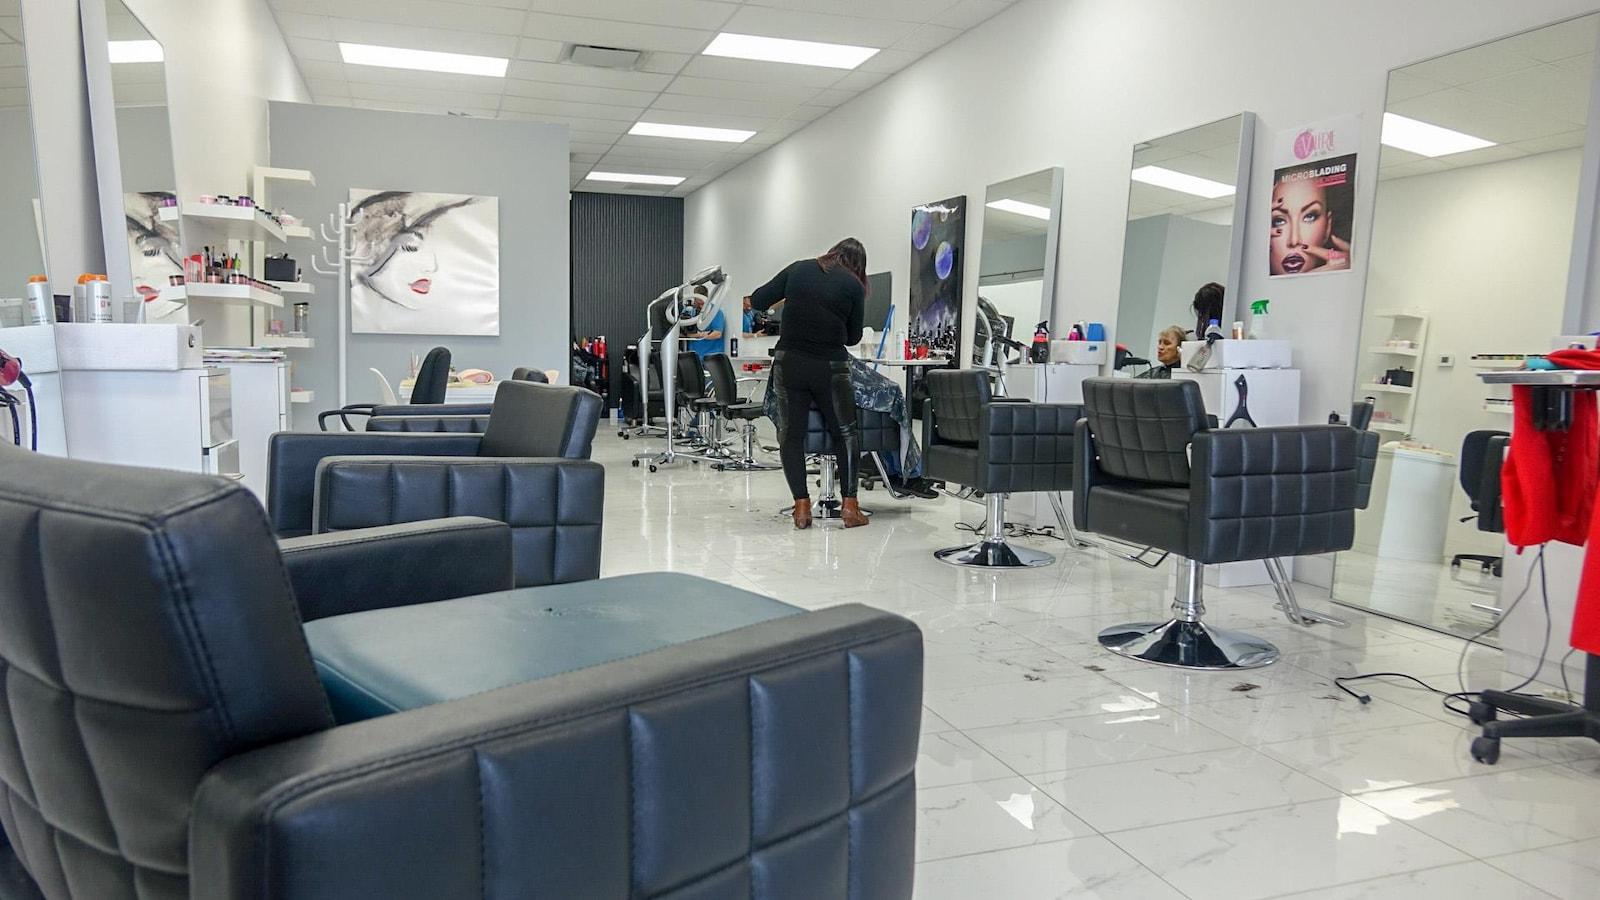 Le salon de coiffure Salon Valérie de Québec ne compte que trois coiffeuses pour une dizaine de chaises disponibles